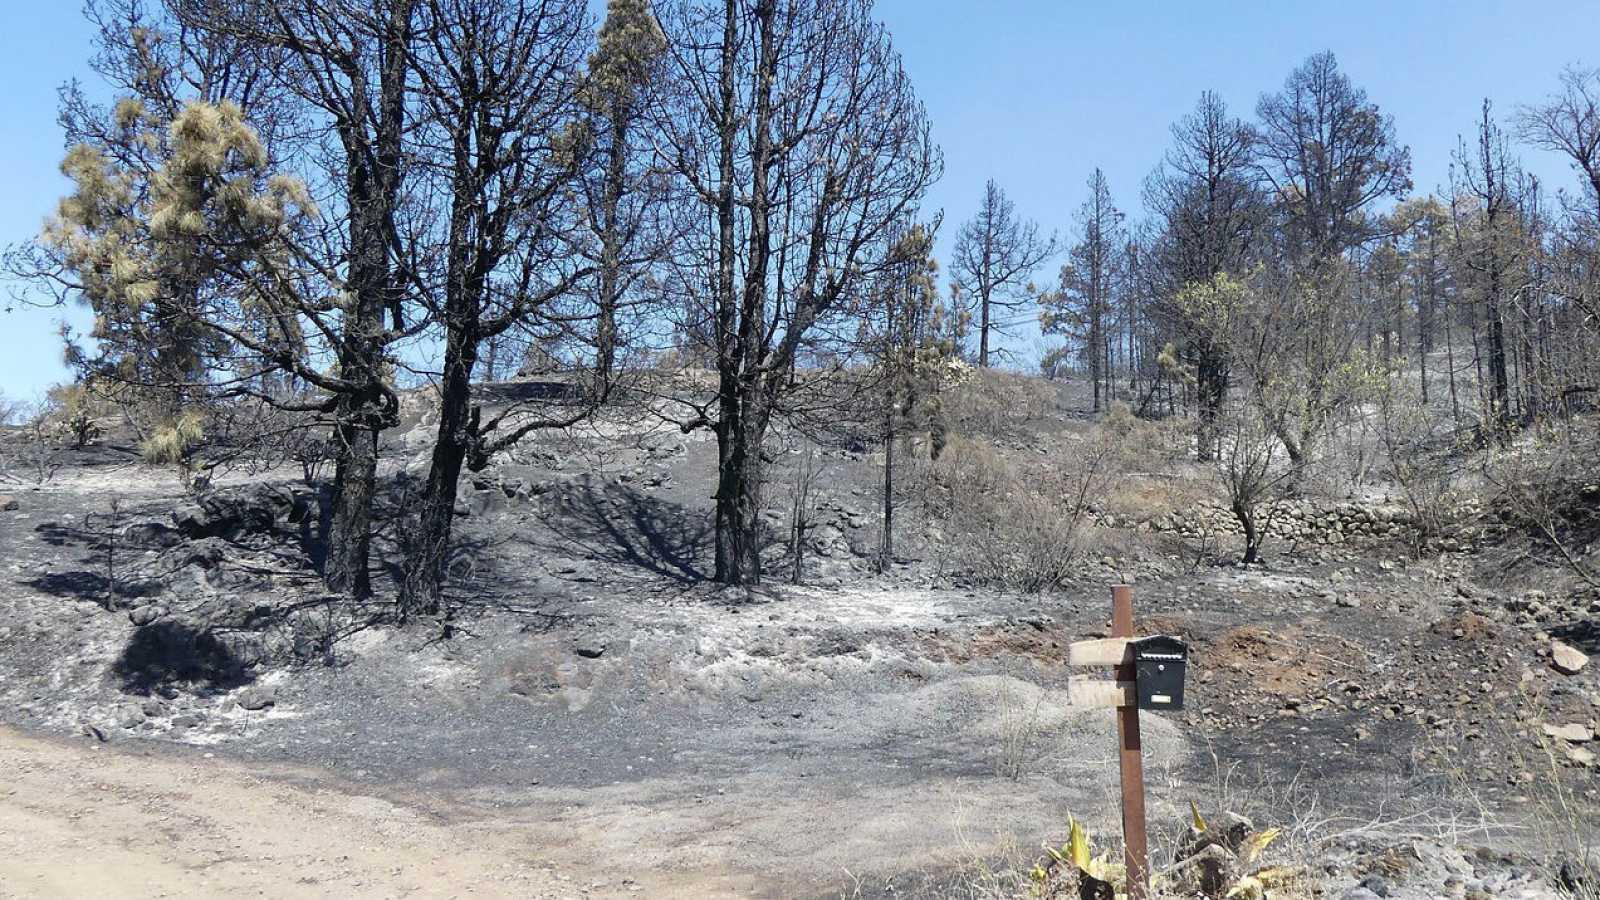 Una de las fincas agrícolas calcinadas por el incendio forestal que afecta a la isla de La Palma, a su paso por el barrio de El Castillo del municipio de Garafía.